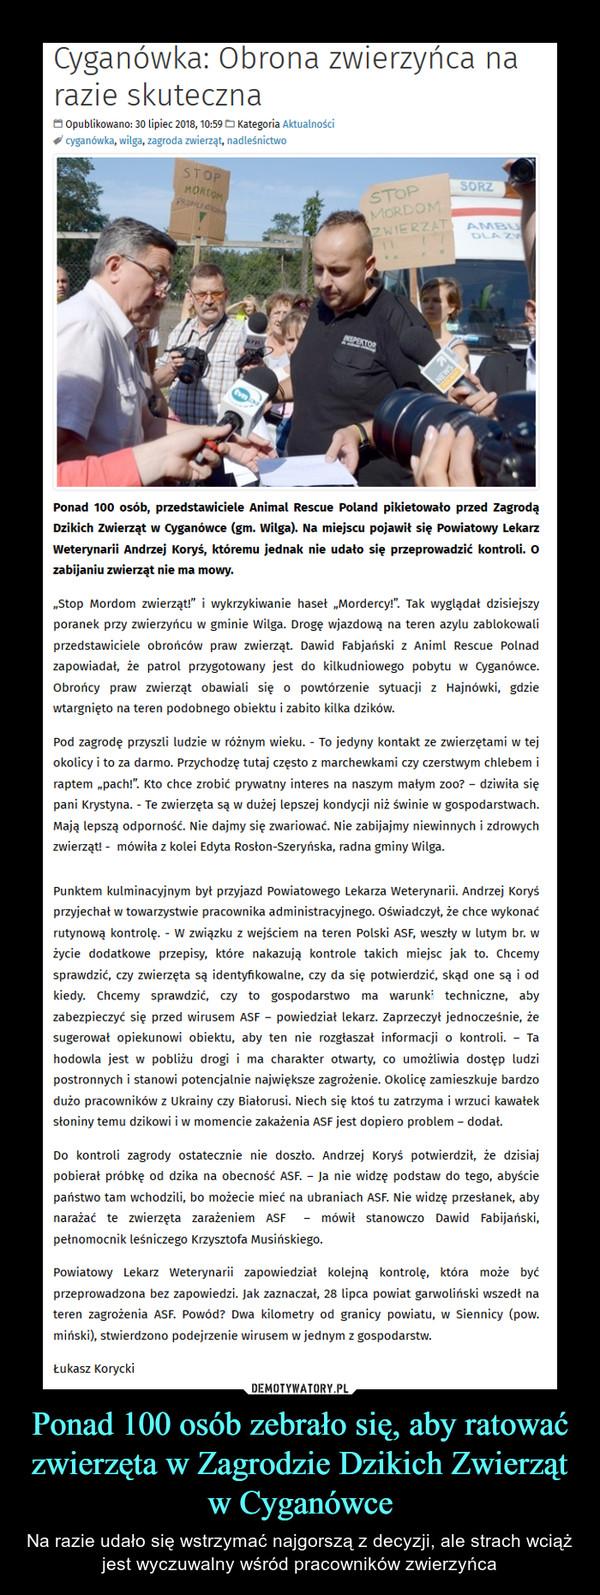 """Ponad 100 osób zebrało się, aby ratować zwierzęta w Zagrodzie Dzikich Zwierząt w Cyganówce – Na razie udało się wstrzymać najgorszą z decyzji, ale strach wciąż jest wyczuwalny wśród pracowników zwierzyńca Ponad 100 osób, przedstawiciele Animal Rescue Poland pikietowało przed Zagrodą Dzikich Zwierząt w Cyganówce (gm. Wilga). Na miejscu pojawił się Powiatowy Lekarz Weterynarii Andrzej Koryś, któremu jednak nie udało się przeprowadzić kontroli. O zabijaniu zwierząt nie ma mowy.""""Stop Mordom zwierząt!"""" i wykrzykiwanie haseł """"Mordercy!"""". Tak wyglądał dzisiejszy poranek przy zwierzyńcu w gminie Wilga. Drogę wjazdową na teren azylu zablokowali przedstawiciele obrońców praw zwierząt. Dawid Fabjański z Animl Rescue Polnad zapowiadał, że patrol przygotowany jest do kilkudniowego pobytu w Cyganówce. Obrońcy praw zwierząt obawiali się o powtórzenie sytuacji z Hajnówki, gdzie wtargnięto na teren podobnego obiektu i zabito kilka dzików.Pod zagrodę przyszli ludzie w różnym wieku. - To jedyny kontakt ze zwierzętami w tej okolicy i to za darmo. Przychodzę tutaj często z marchewkami czy czerstwym chlebem i raptem """"pach!"""". Kto chce zrobić prywatny interes na naszym małym zoo? – dziwiła się pani Krystyna. - Te zwierzęta są w dużej lepszej kondycji niż świnie w gospodarstwach. Mają lepszą odporność. Nie dajmy się zwariować. Nie zabijajmy niewinnych i zdrowych zwierząt! -  mówiła z kolei Edyta Rosłon-Szeryńska, radna gminy Wilga.Punktem kulminacyjnym był przyjazd Powiatowego Lekarza Weterynarii. Andrzej Koryś przyjechał w towarzystwie pracownika administracyjnego. Oświadczył, że chce wykonać rutynową kontrolę. - W związku z wejściem na teren Polski ASF, weszły w lutym br. w życie dodatkowe przepisy, które nakazują kontrole takich miejsc jak to. Chcemy sprawdzić, czy zwierzęta są identyfikowalne, czy da się potwierdzić, skąd one są i od kiedy. Chcemy sprawdzić, czy to gospodarstwo ma warunki techniczne, aby zabezpieczyć się przed wirusem ASF – powiedział lekarz. Zaprzeczył jednocześnie, że"""